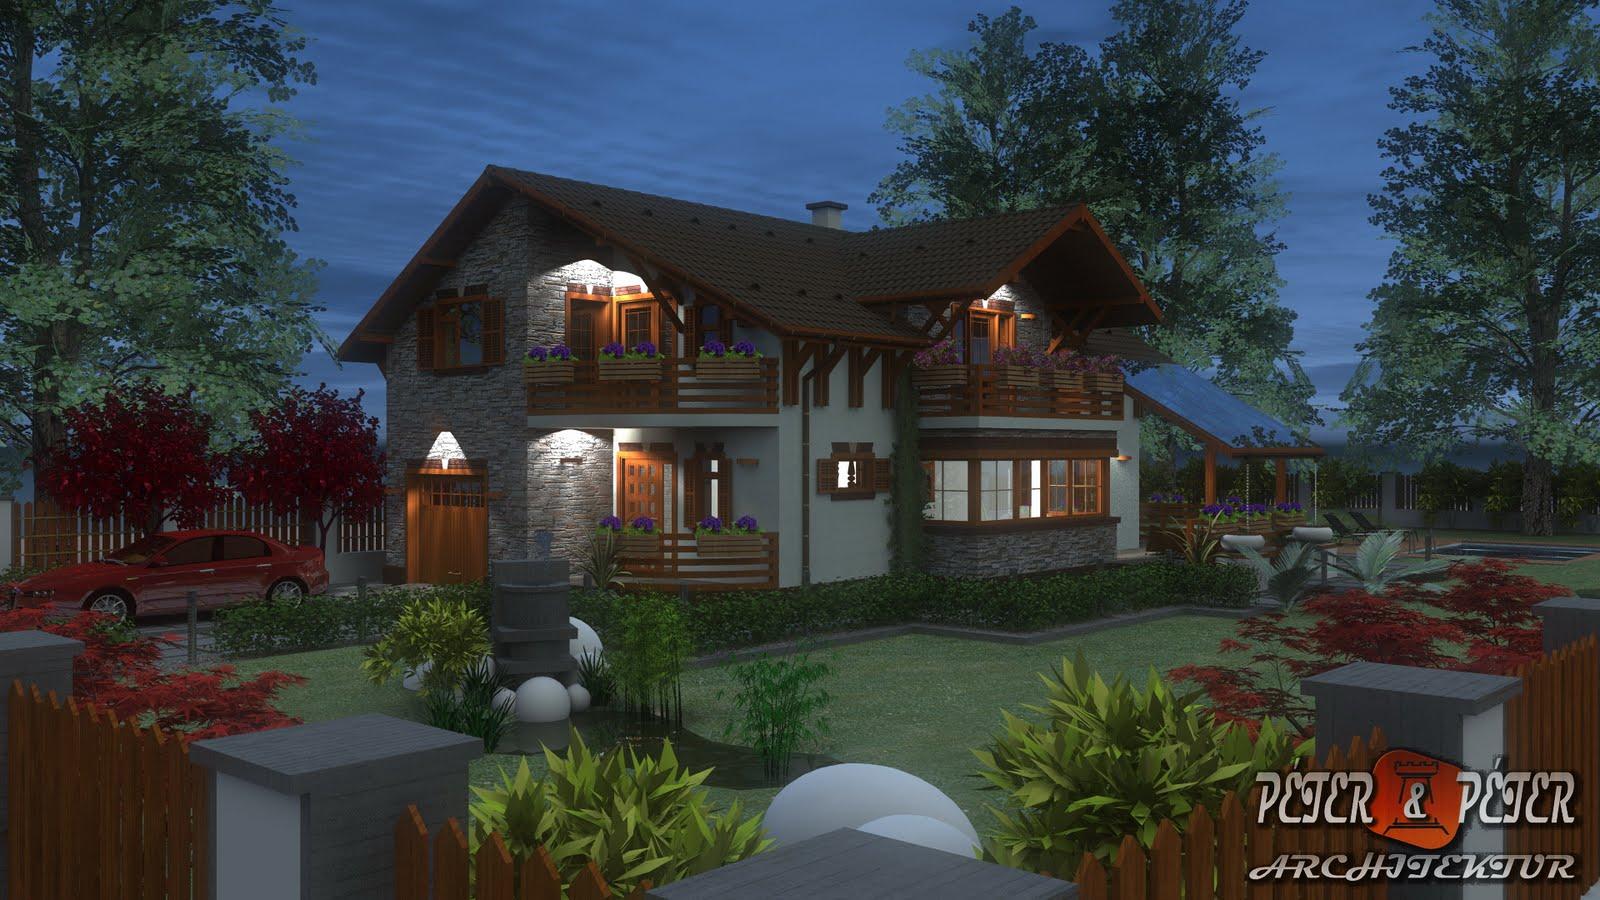 P p architektur B house